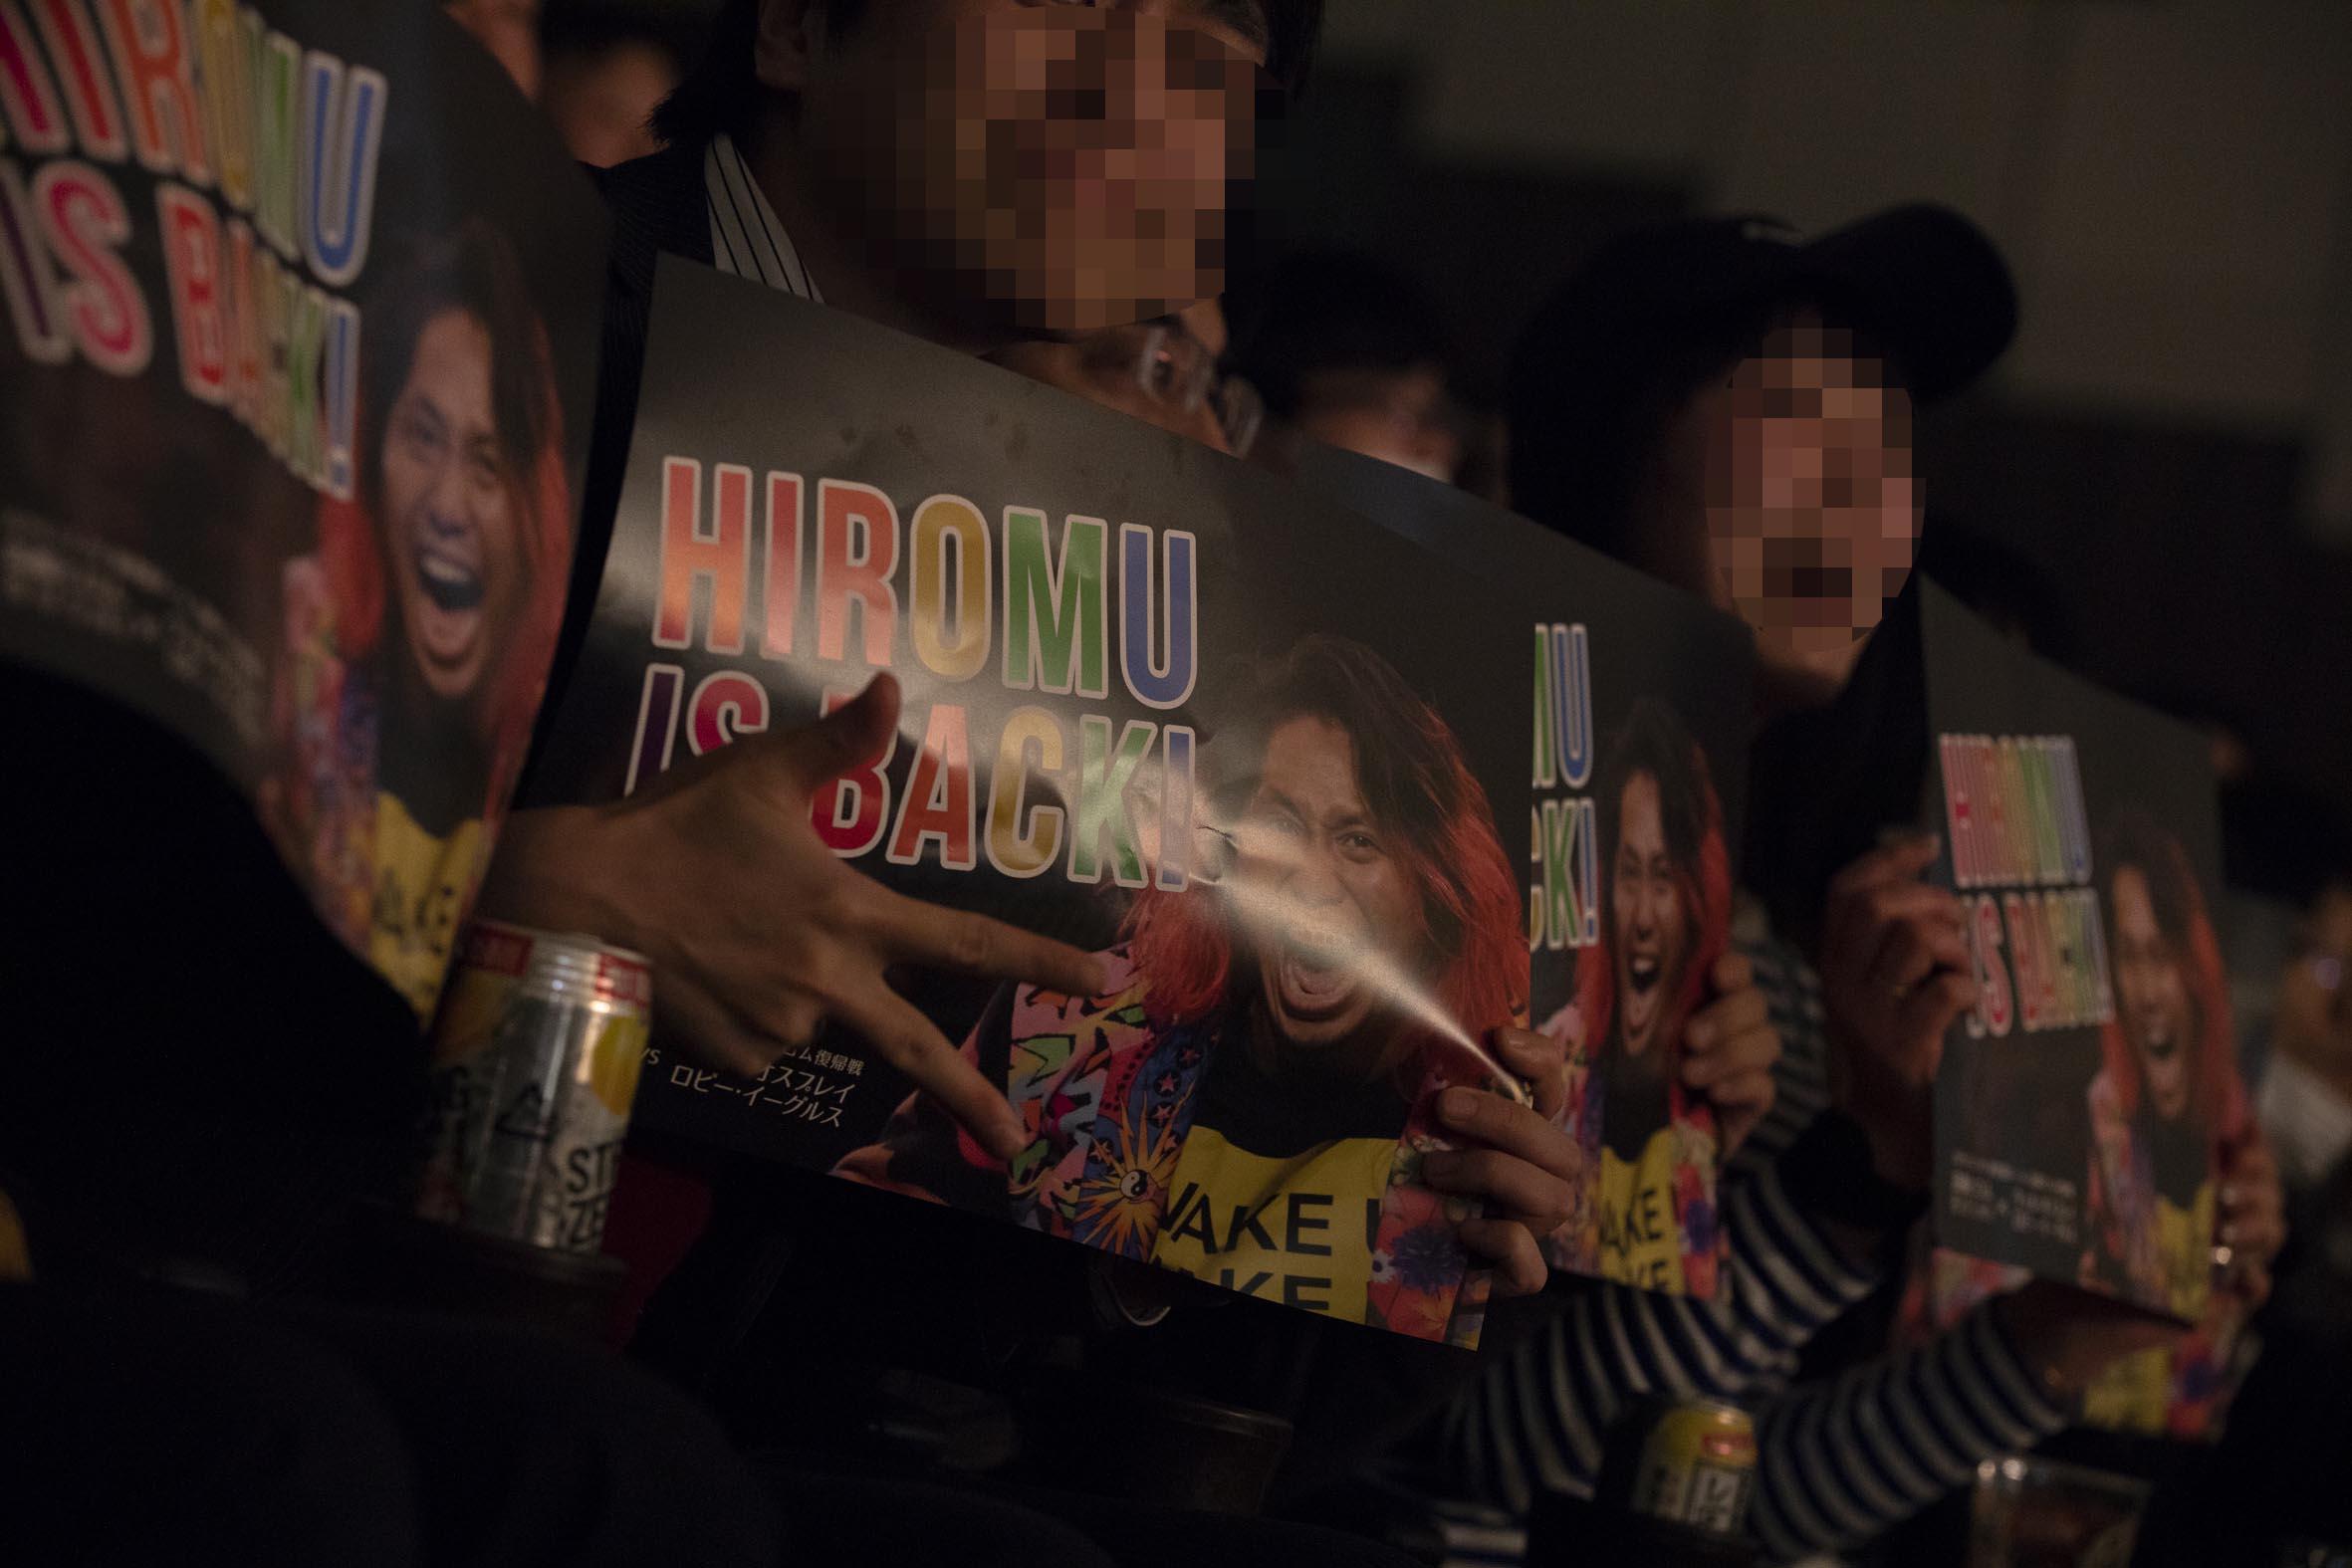 高橋ヒロム選手の入場シーン